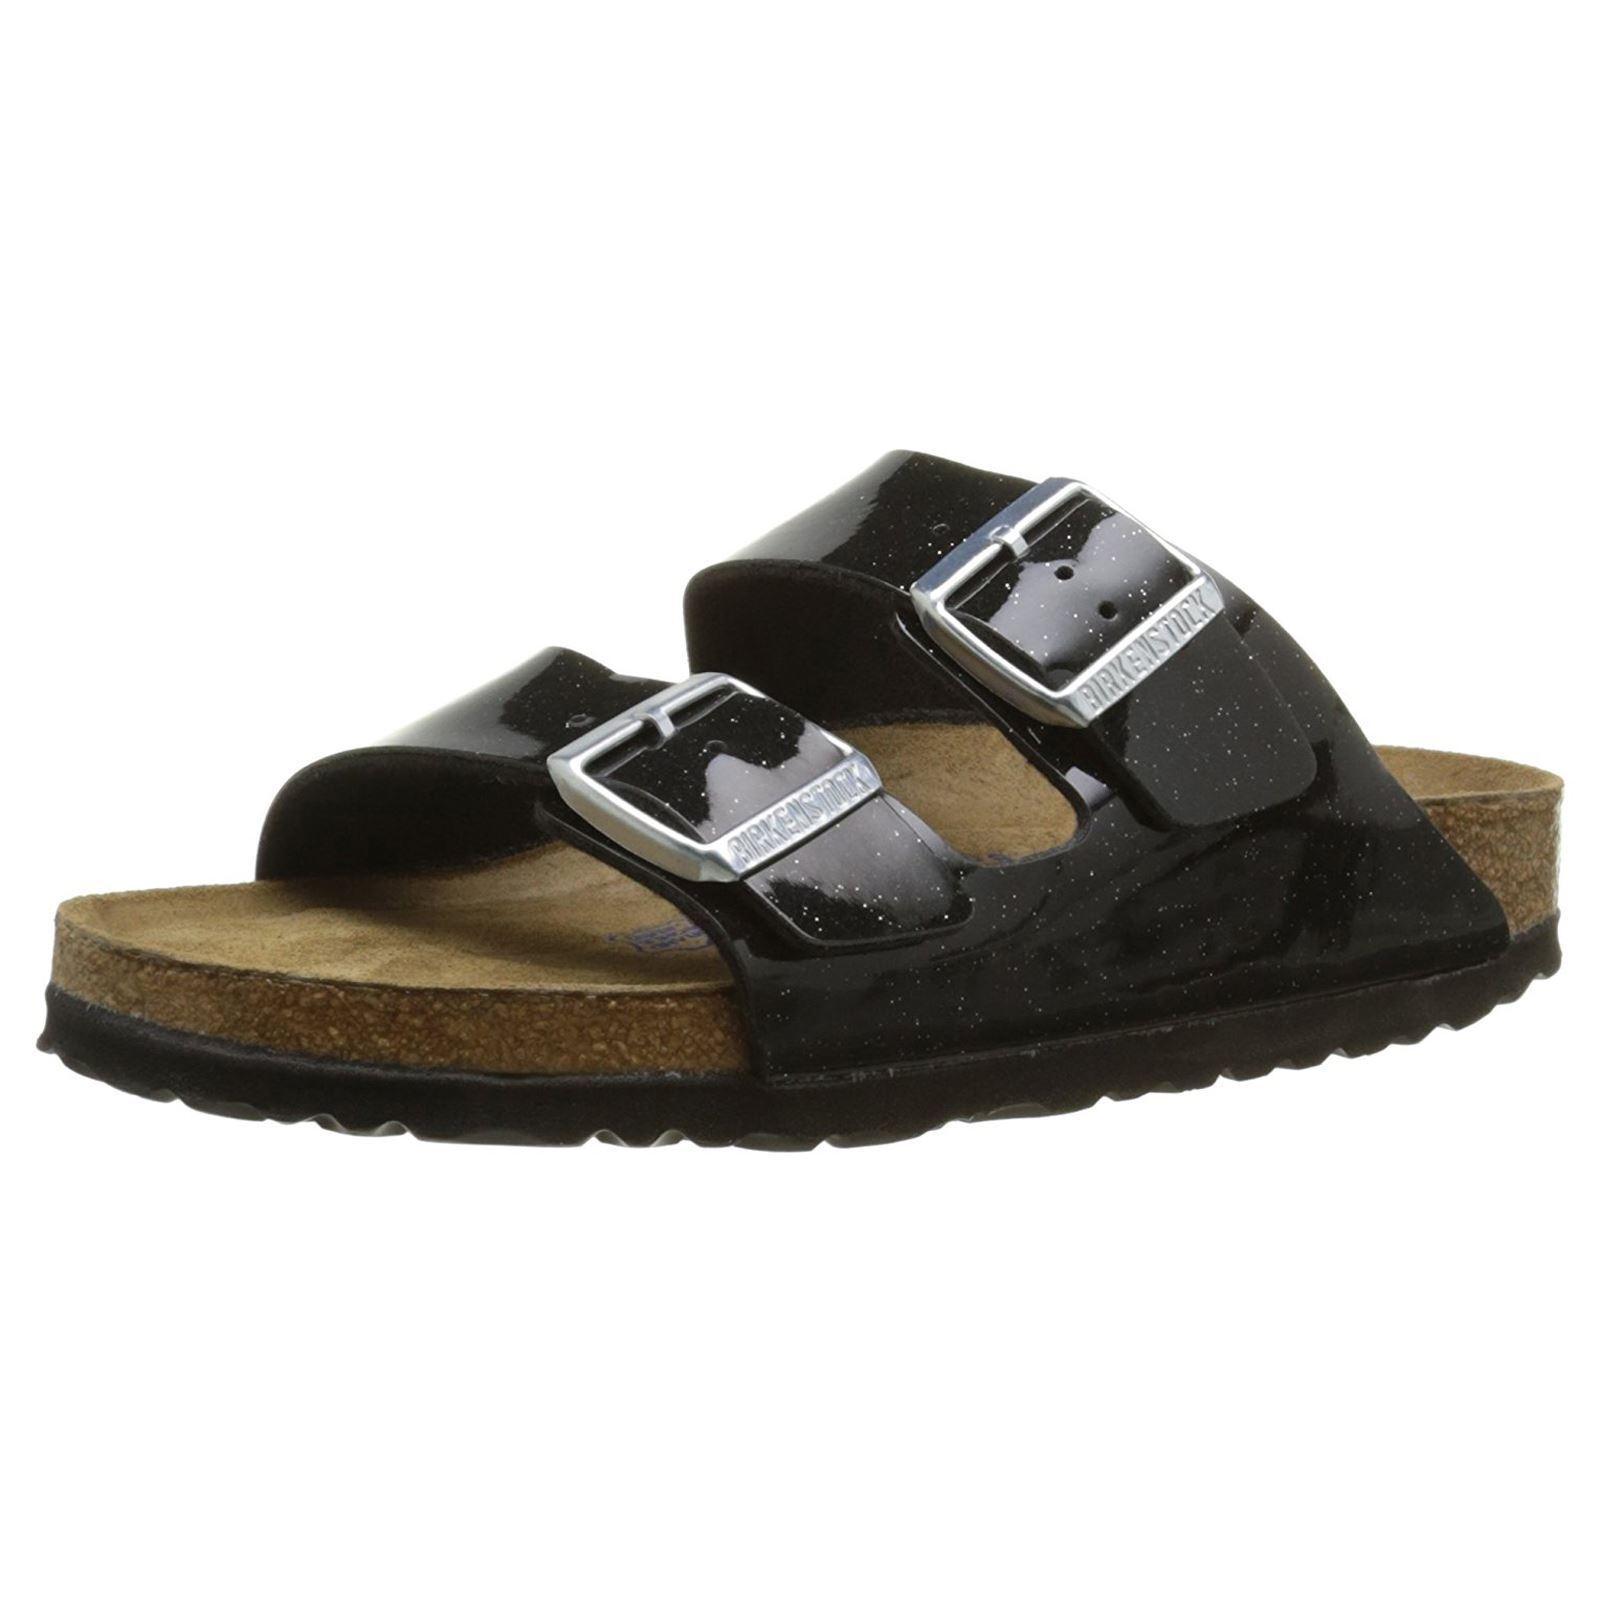 Último gran descuento Birkenstock Arizona Magic Galaxy Black Birko-Flor Soft Footbed Womens Sandals